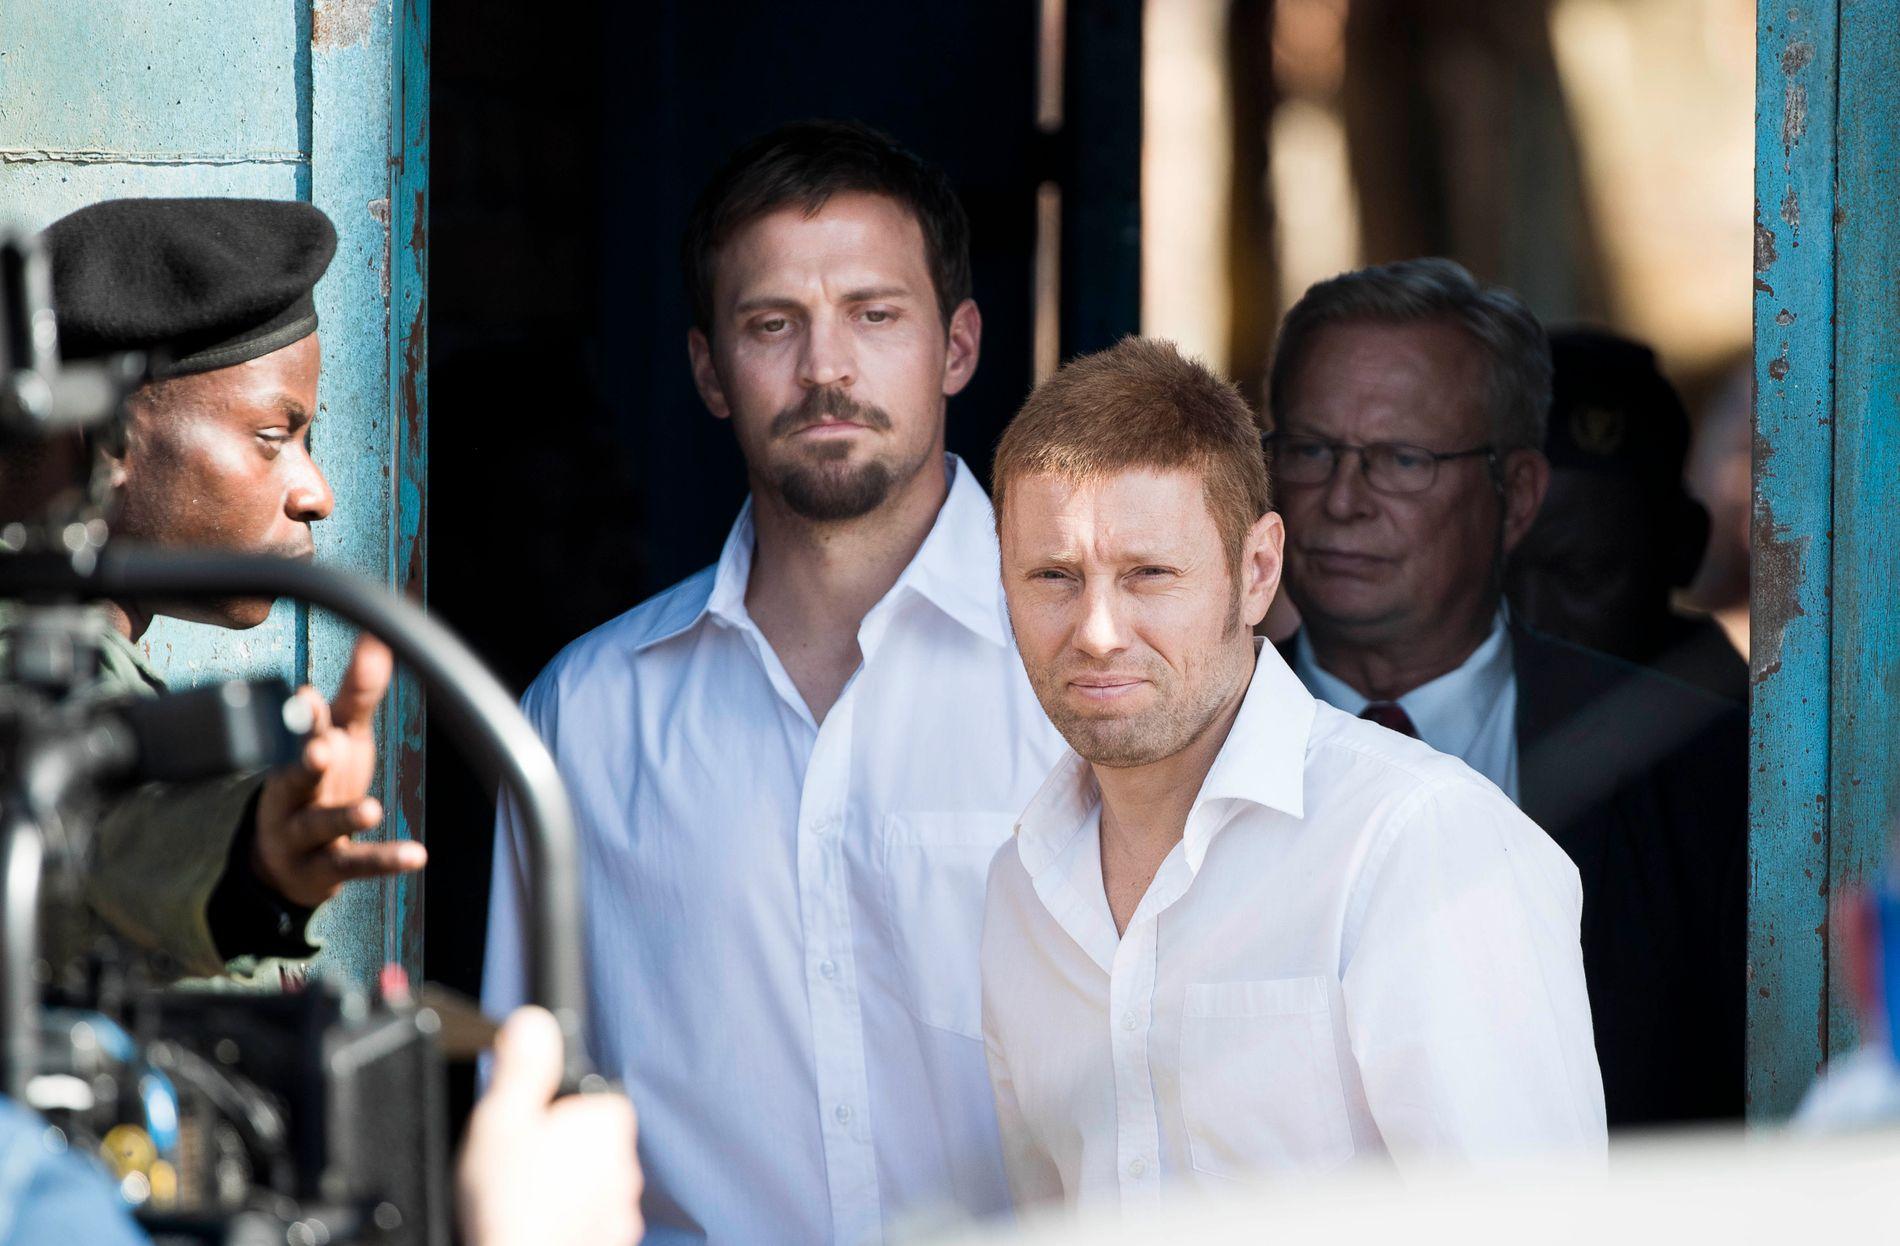 BRAKK KRAGEBEN: Aksel Hennie brakk kravebenet i en ulykke under innspillingen av filmen «Mordene i Kongo».